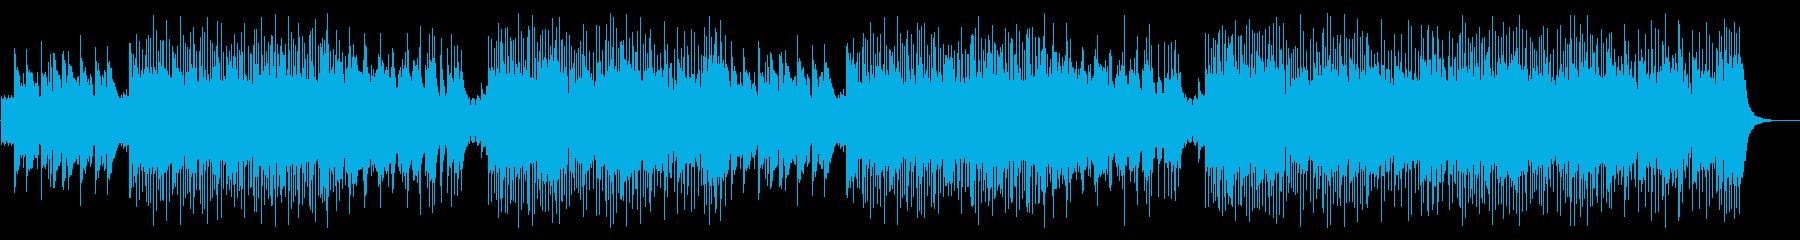 爽やかな曲想のポジティブロックインストの再生済みの波形